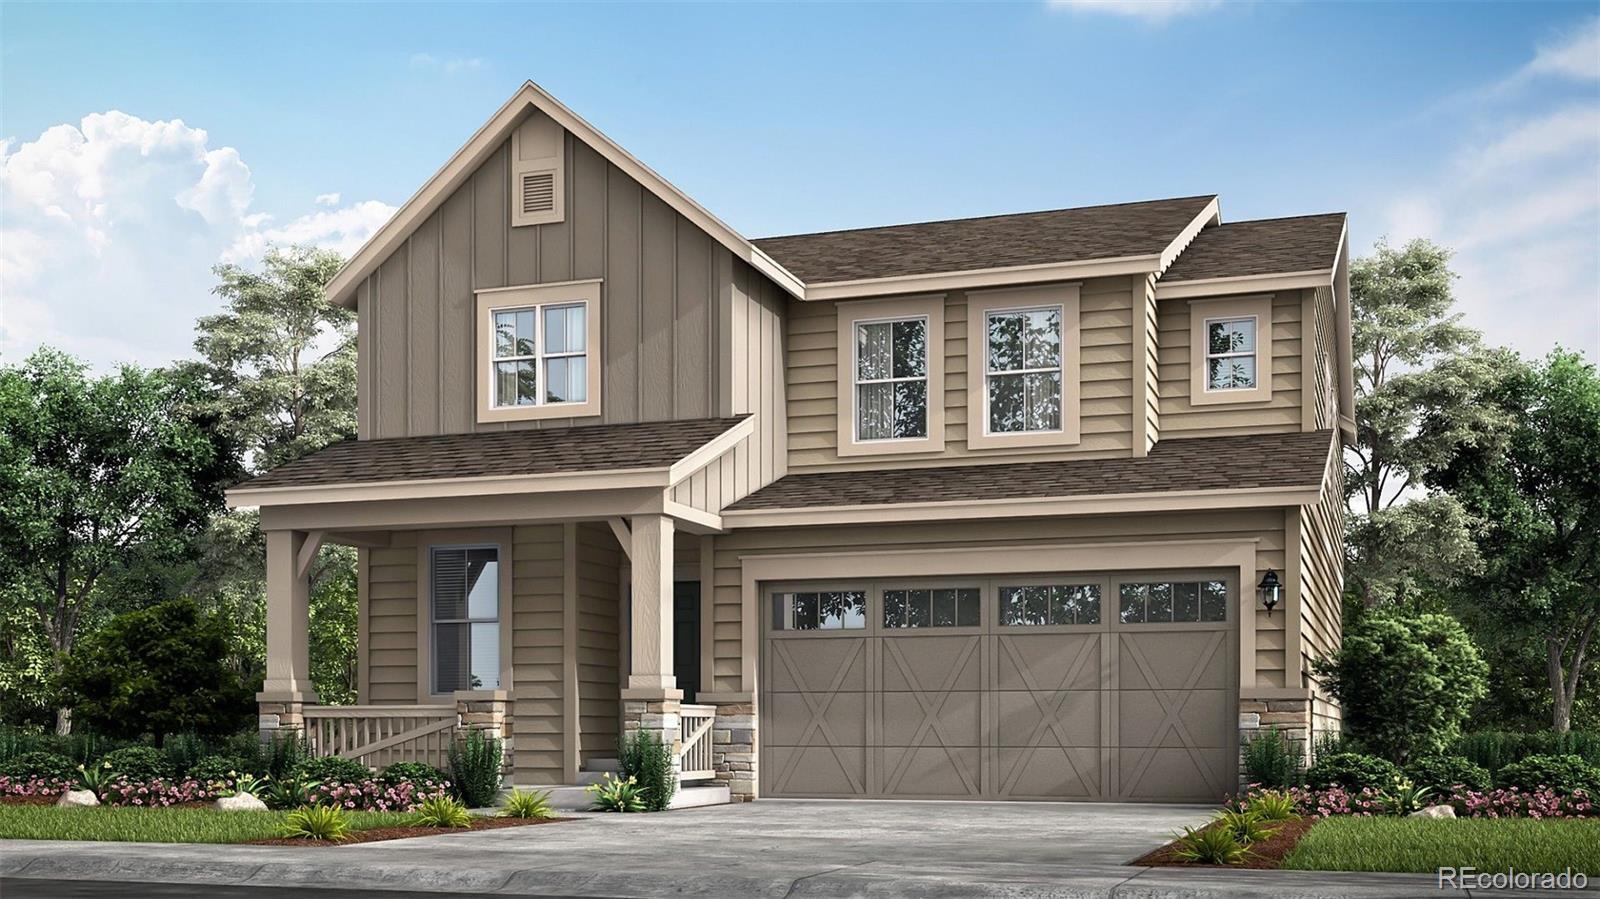 5746 Eagle River Place, Brighton, CO 80601 - Brighton, CO real estate listing